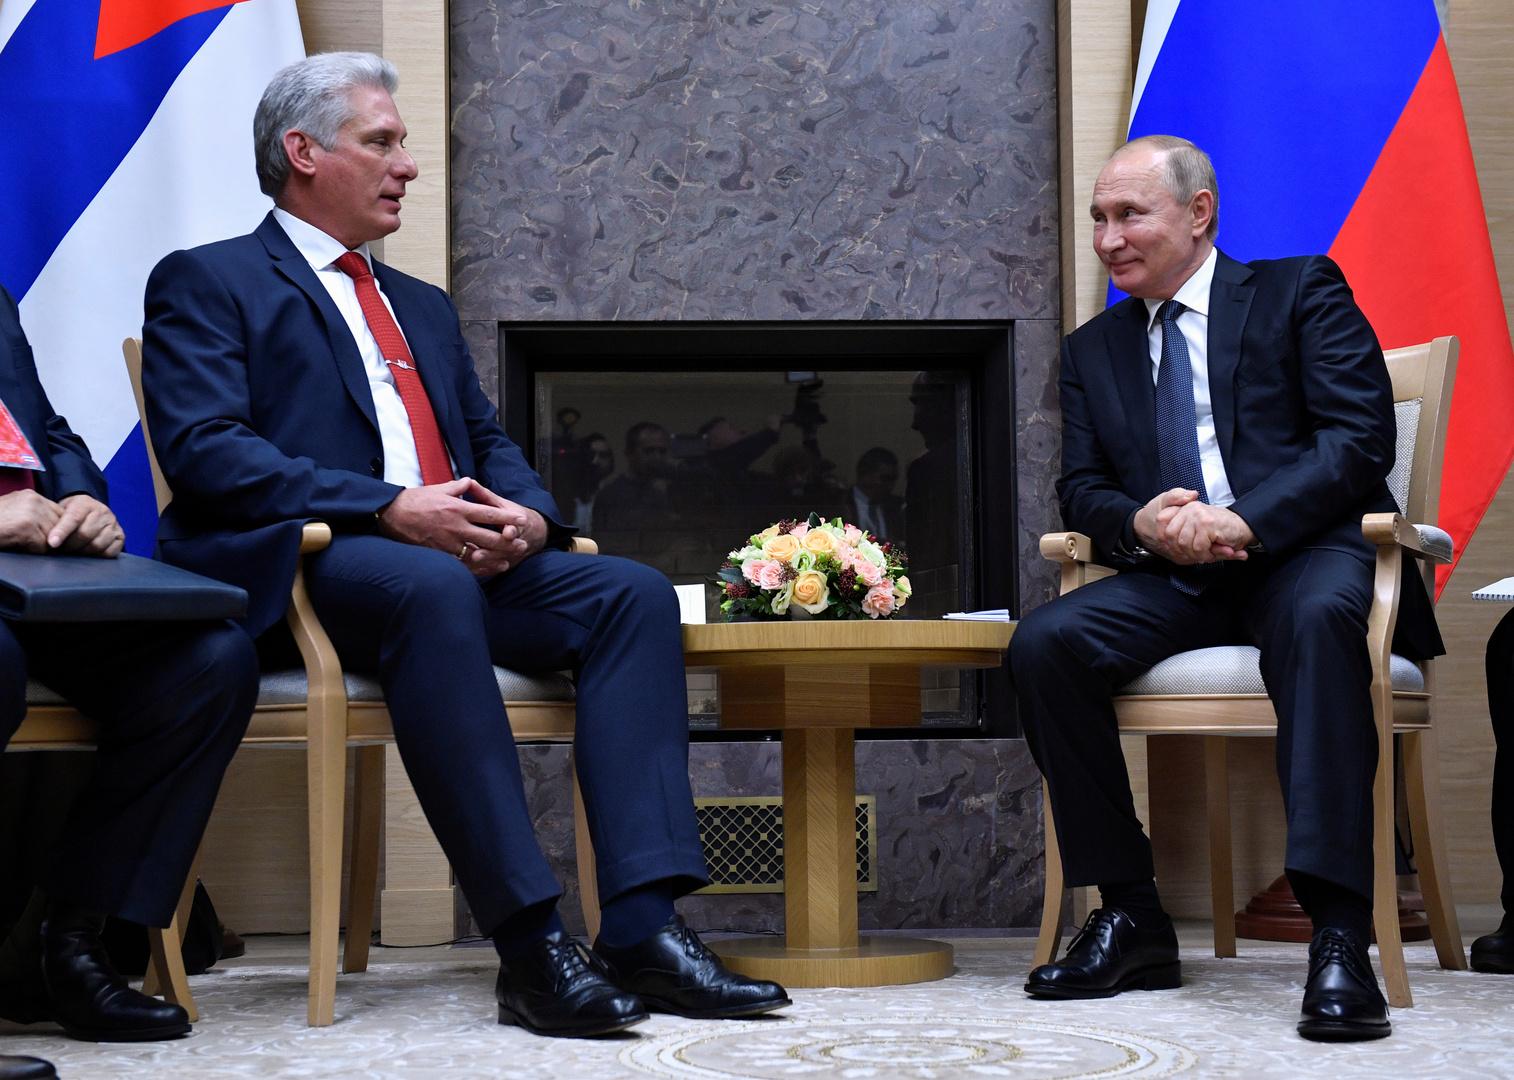 كوبا تستعد لرفع العلم الروسي من جديد